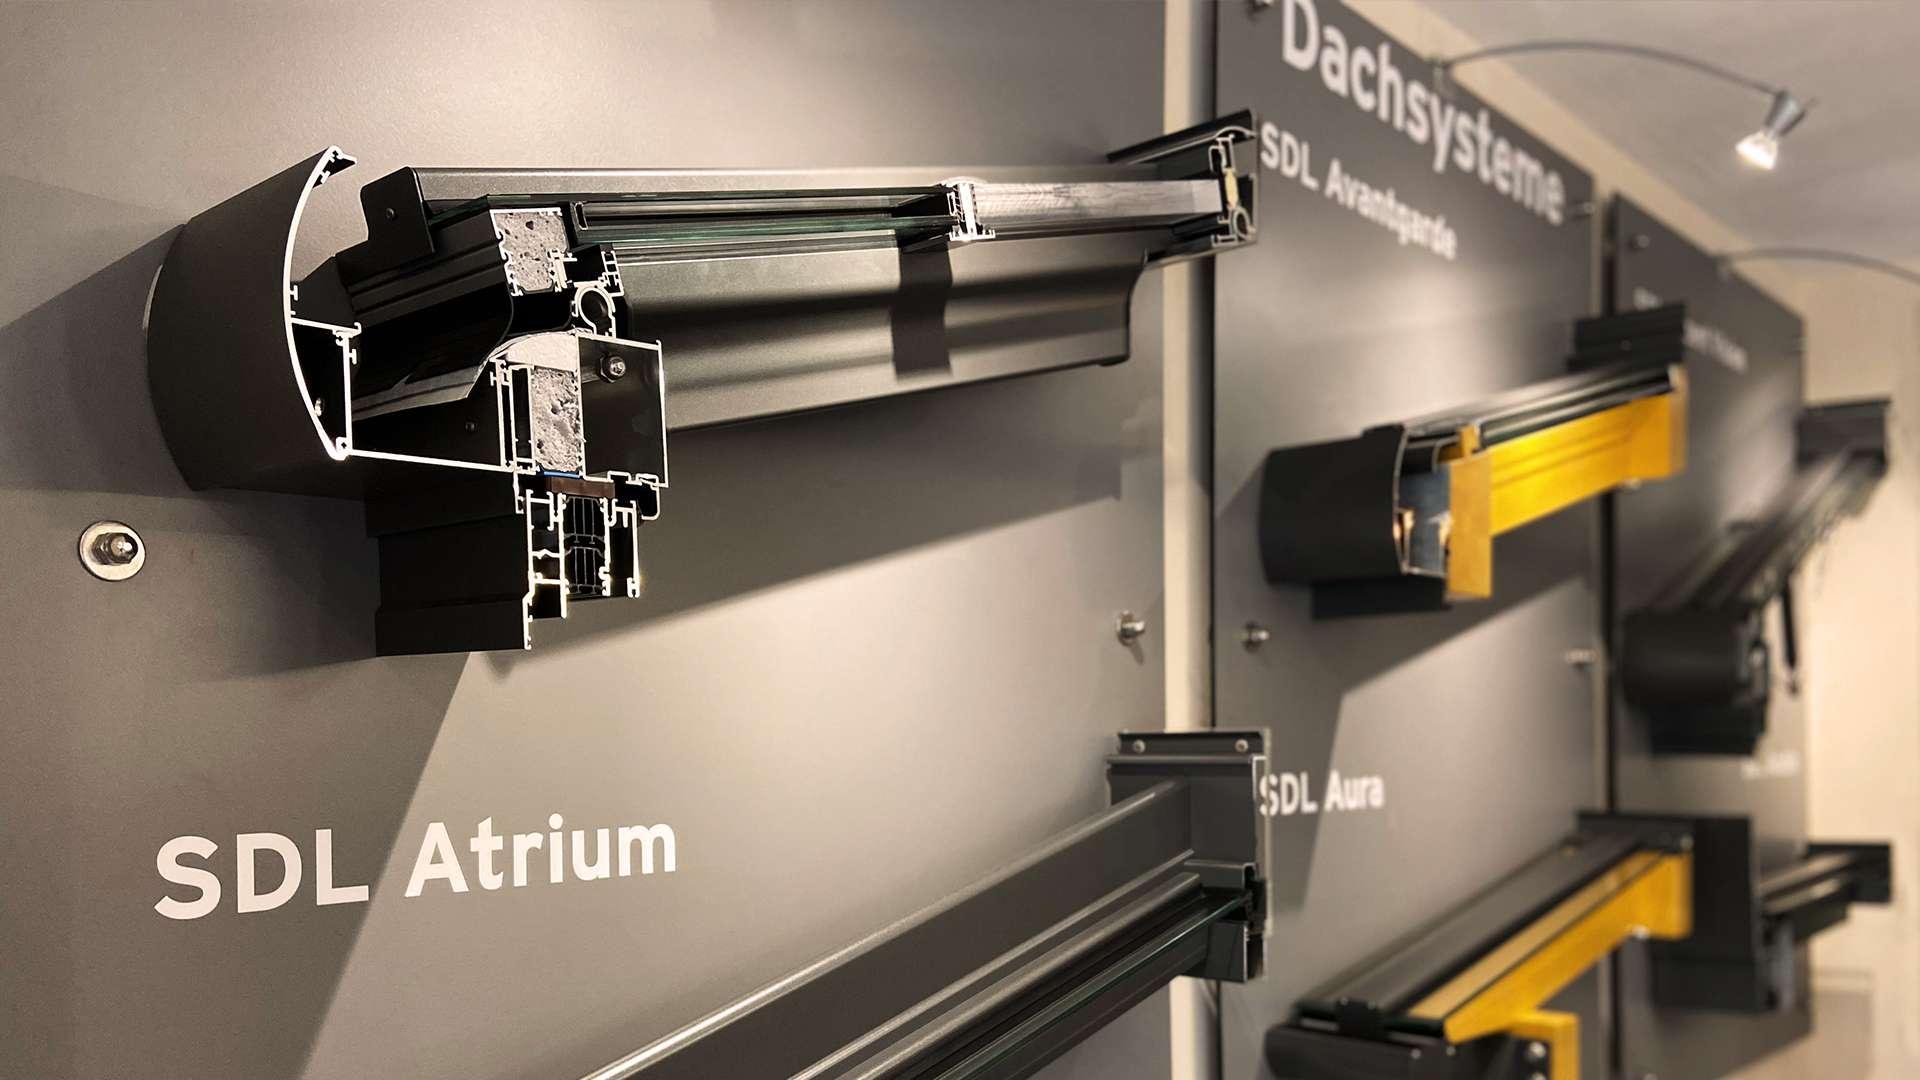 Querschnitte von Dachsystemen in der Ausstellung von Schirrle in Nürnberg